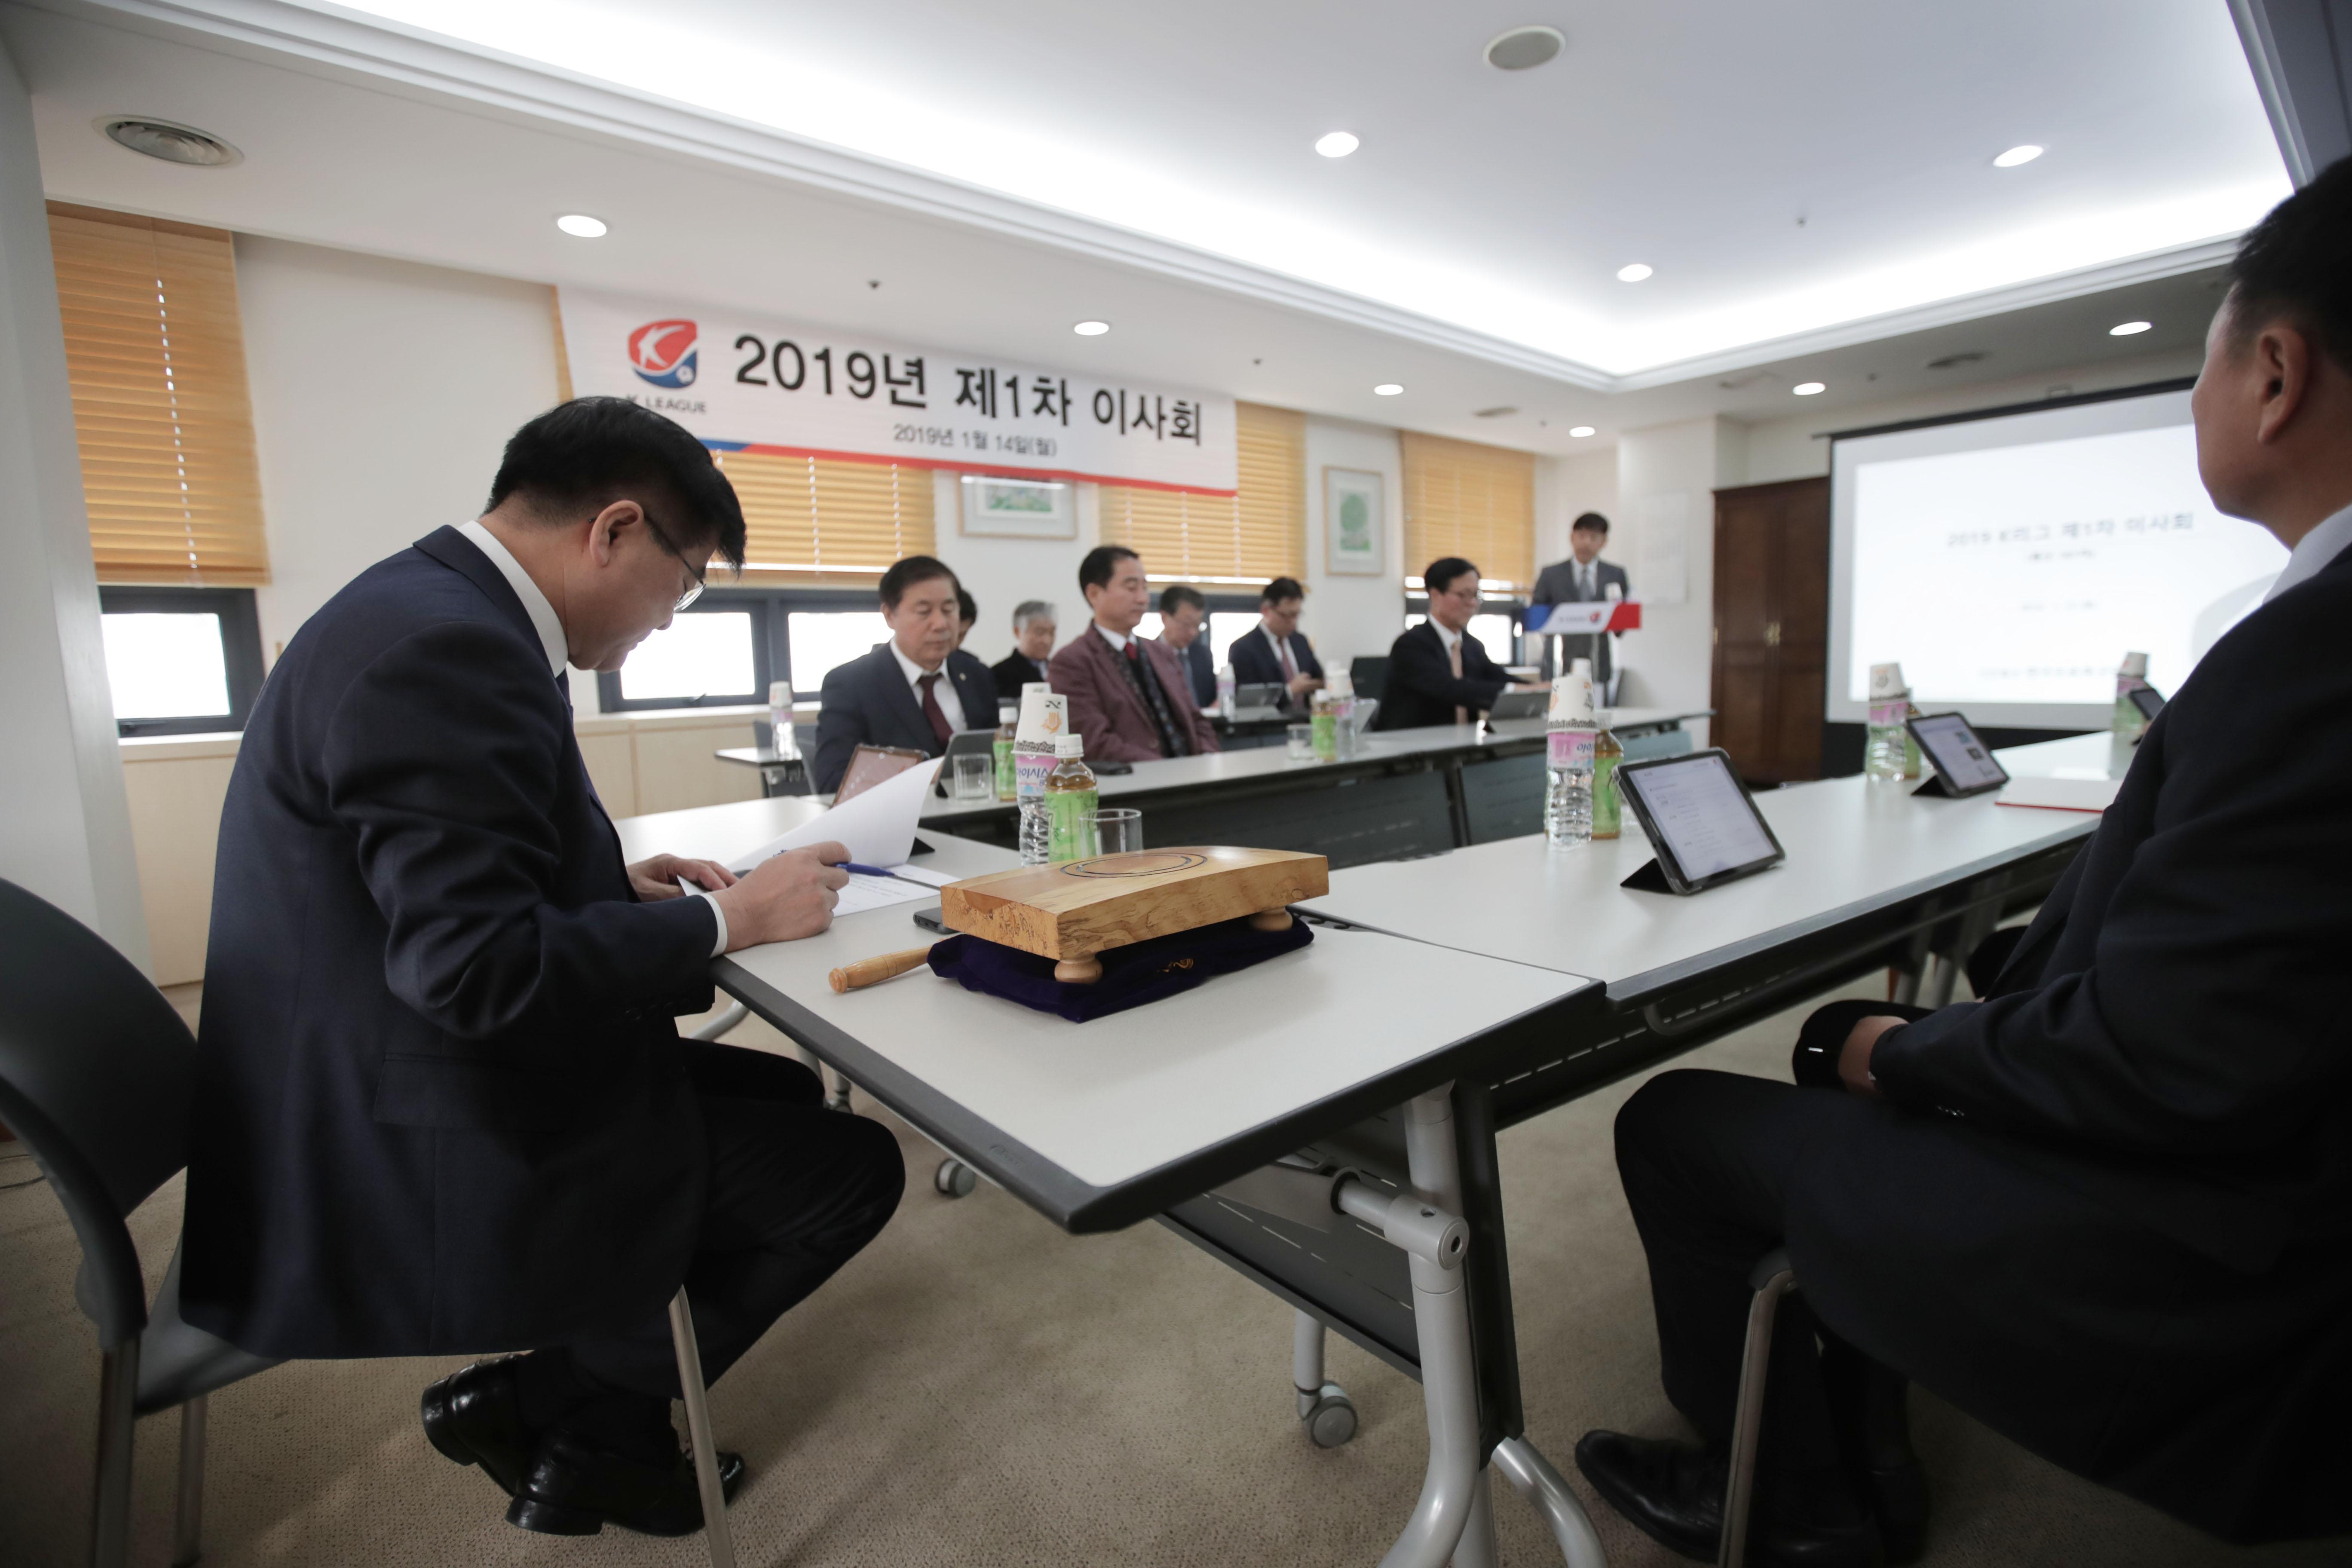 K리그, 2018년 수입-지출 결산 경영공시...수입 약 28억 증가